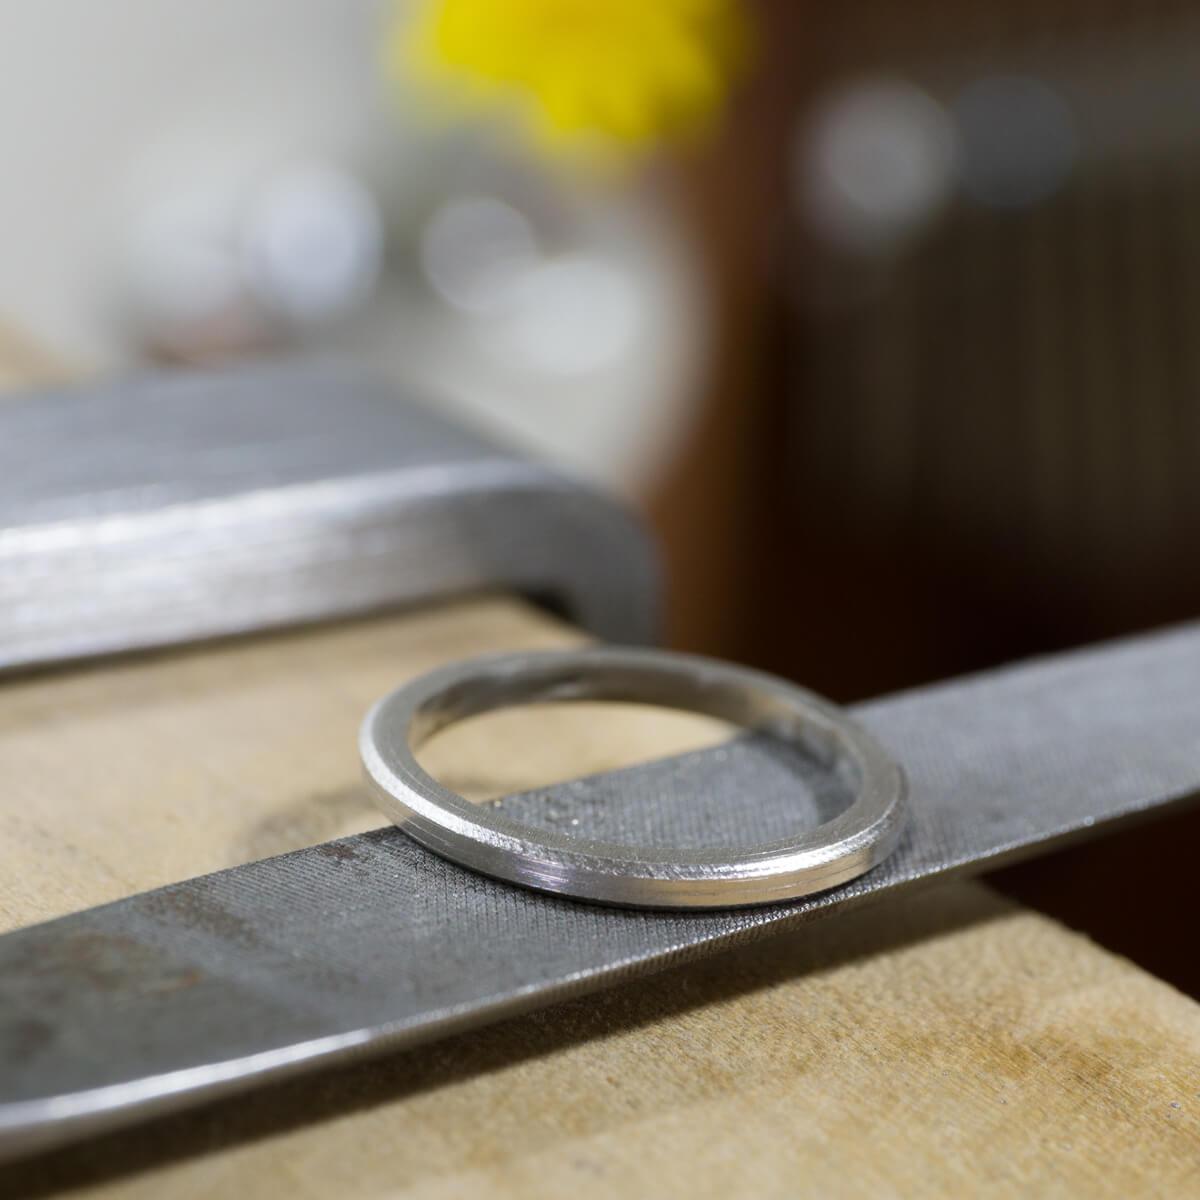 オーダーメイドマリッジリングの制作風景 ジュエリーのアトリエに結婚指輪 プラチナ